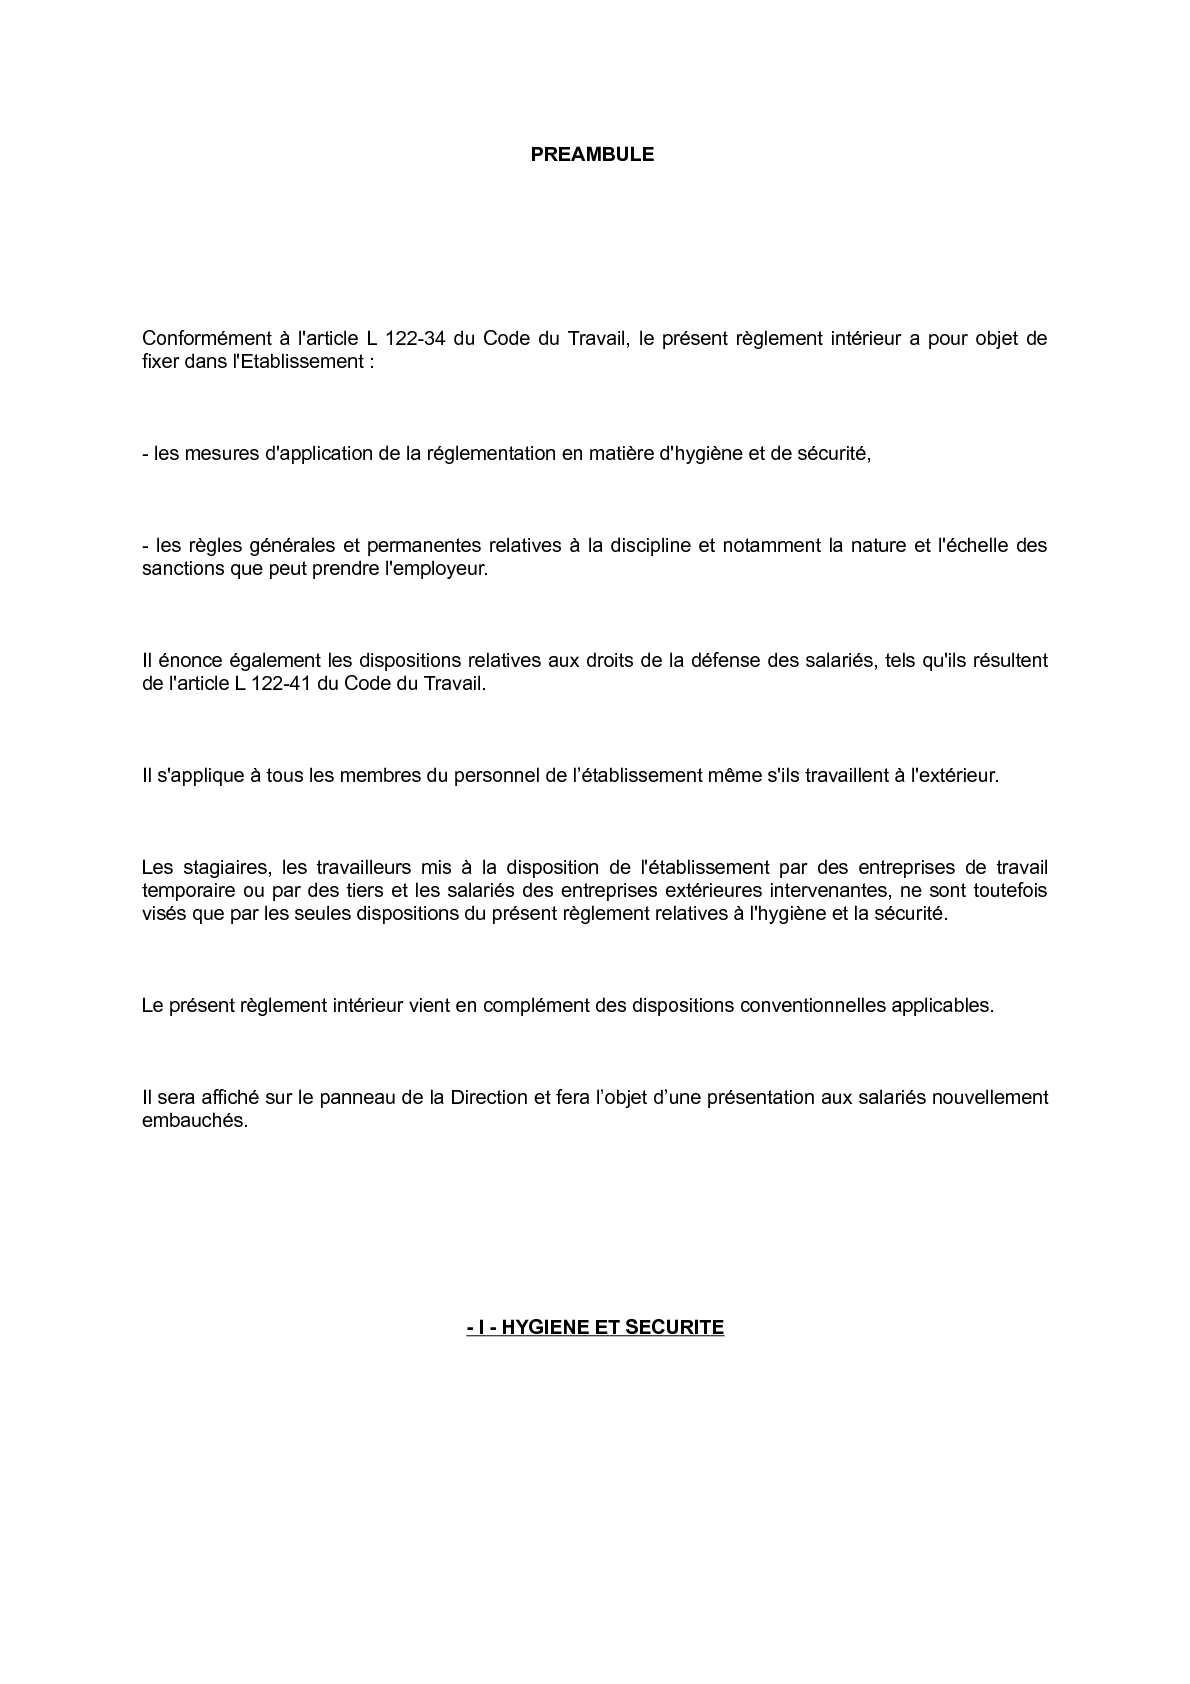 Réglement intérieur Carrefour